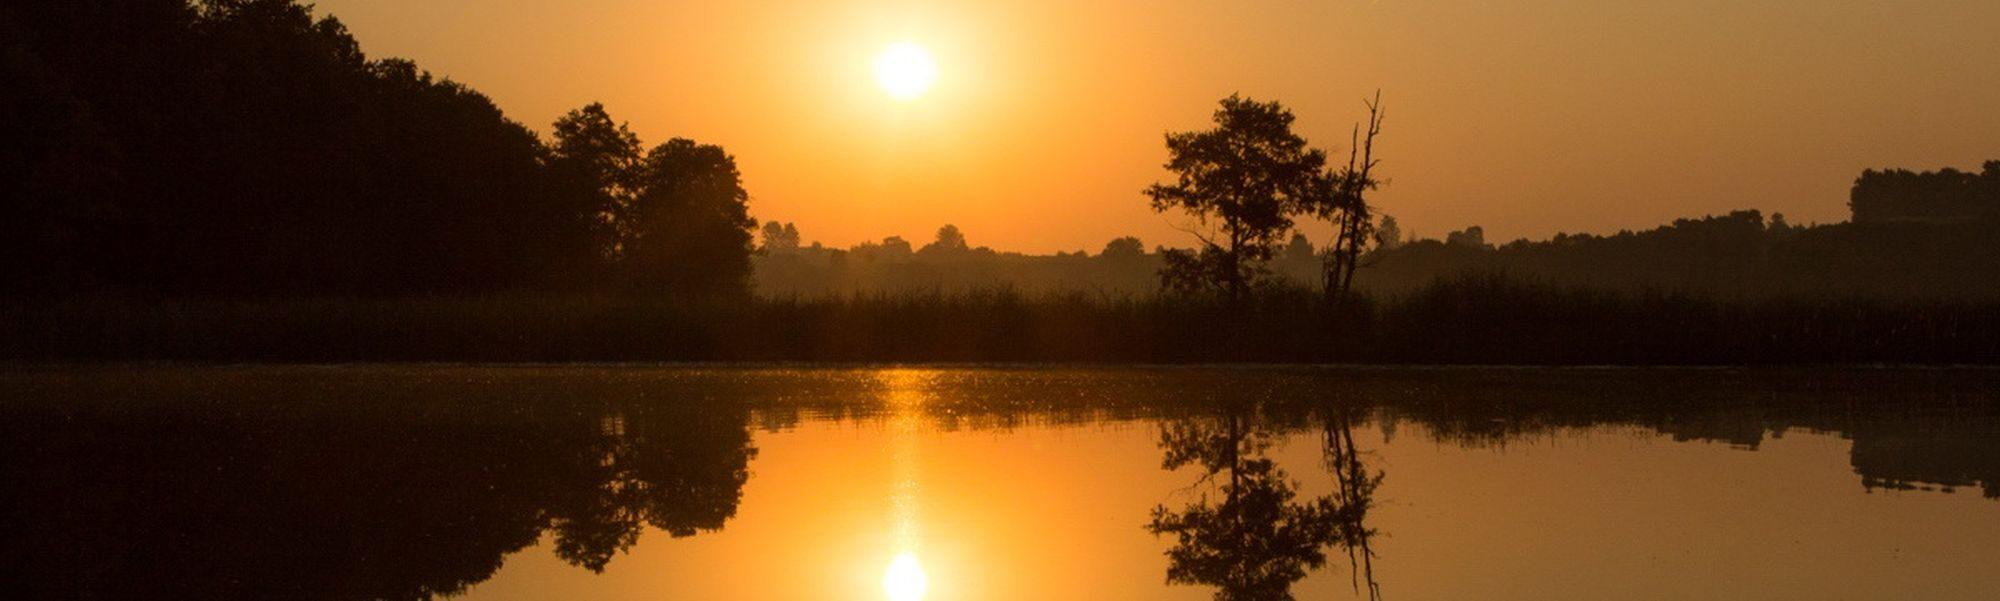 Zachód słońca w SPK